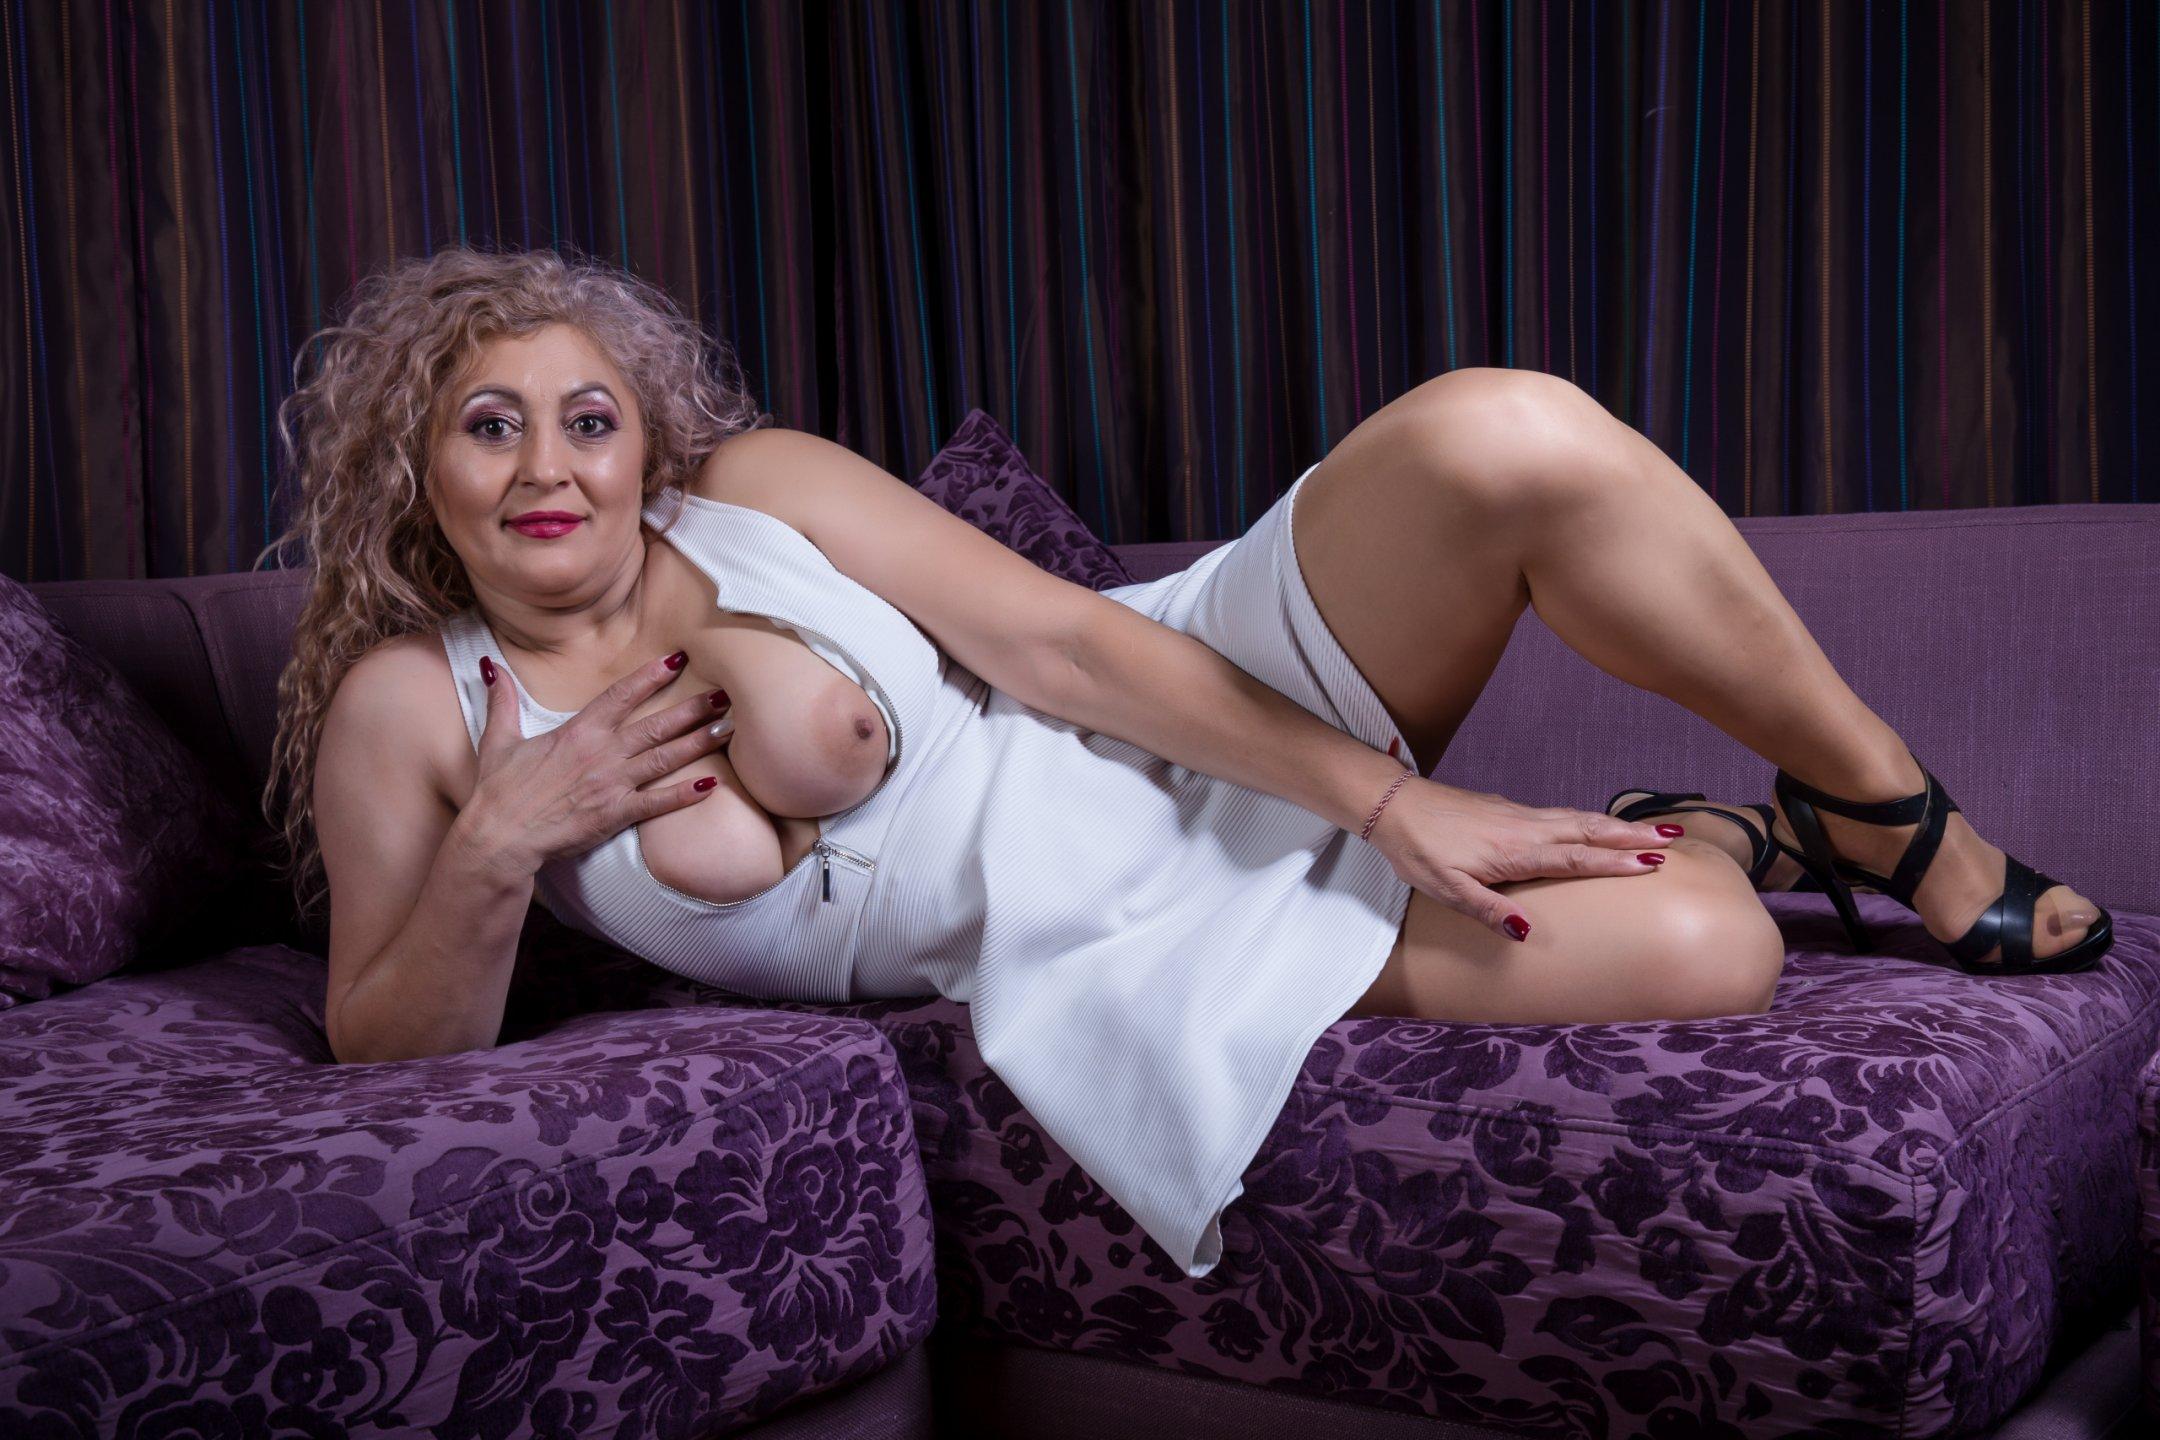 Ρεάλ ώριμες γυναίκες πορνό Ιρανικό πορνό